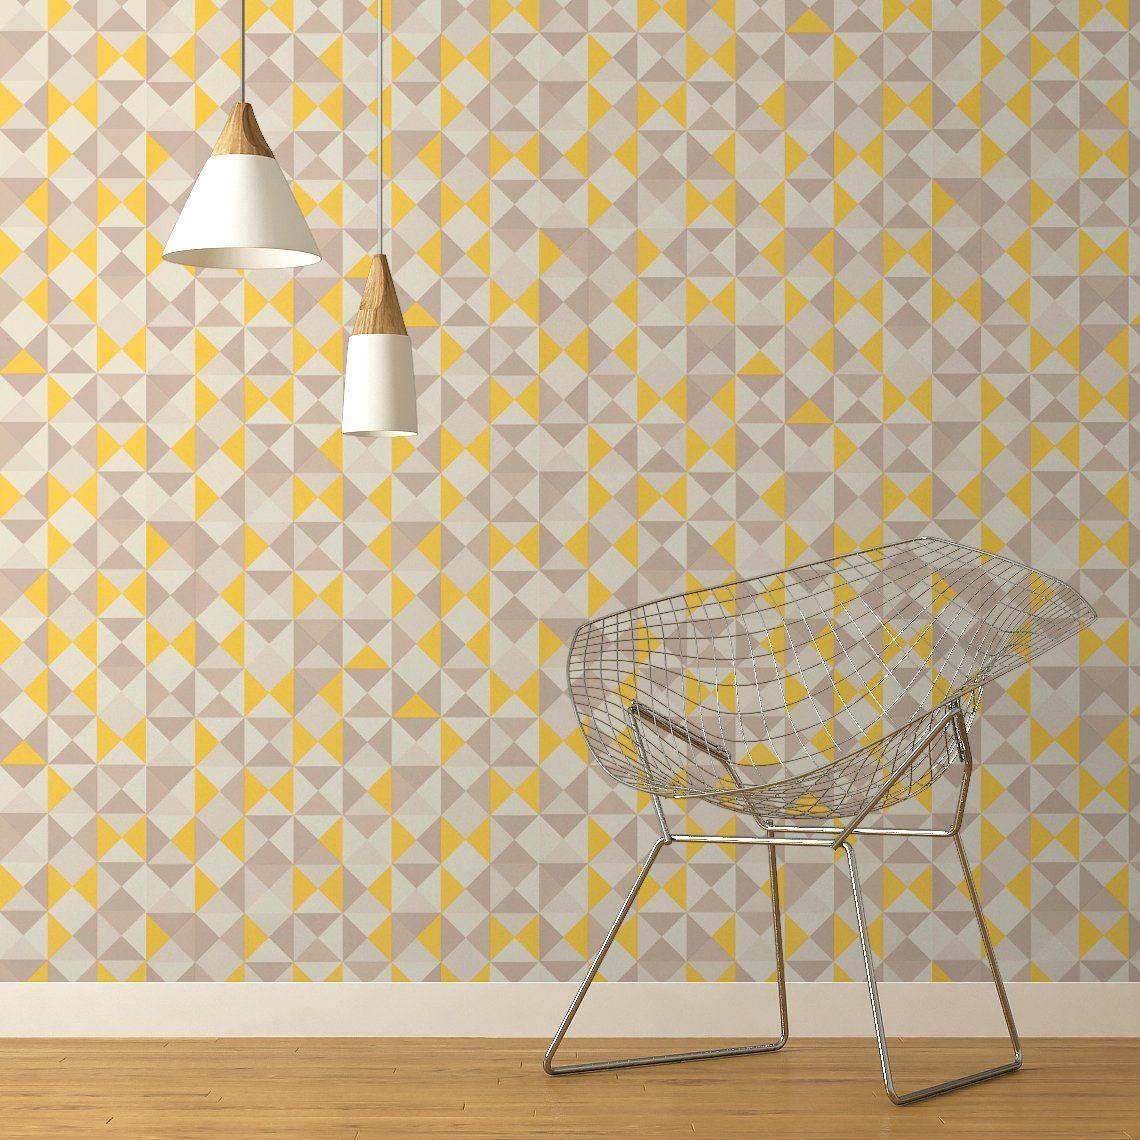 Papier Peint ACAPULCO, Vinyle Sur Intissé Géométrique, Jaune Moutarde    Peintureu2026 Bonnes Idees